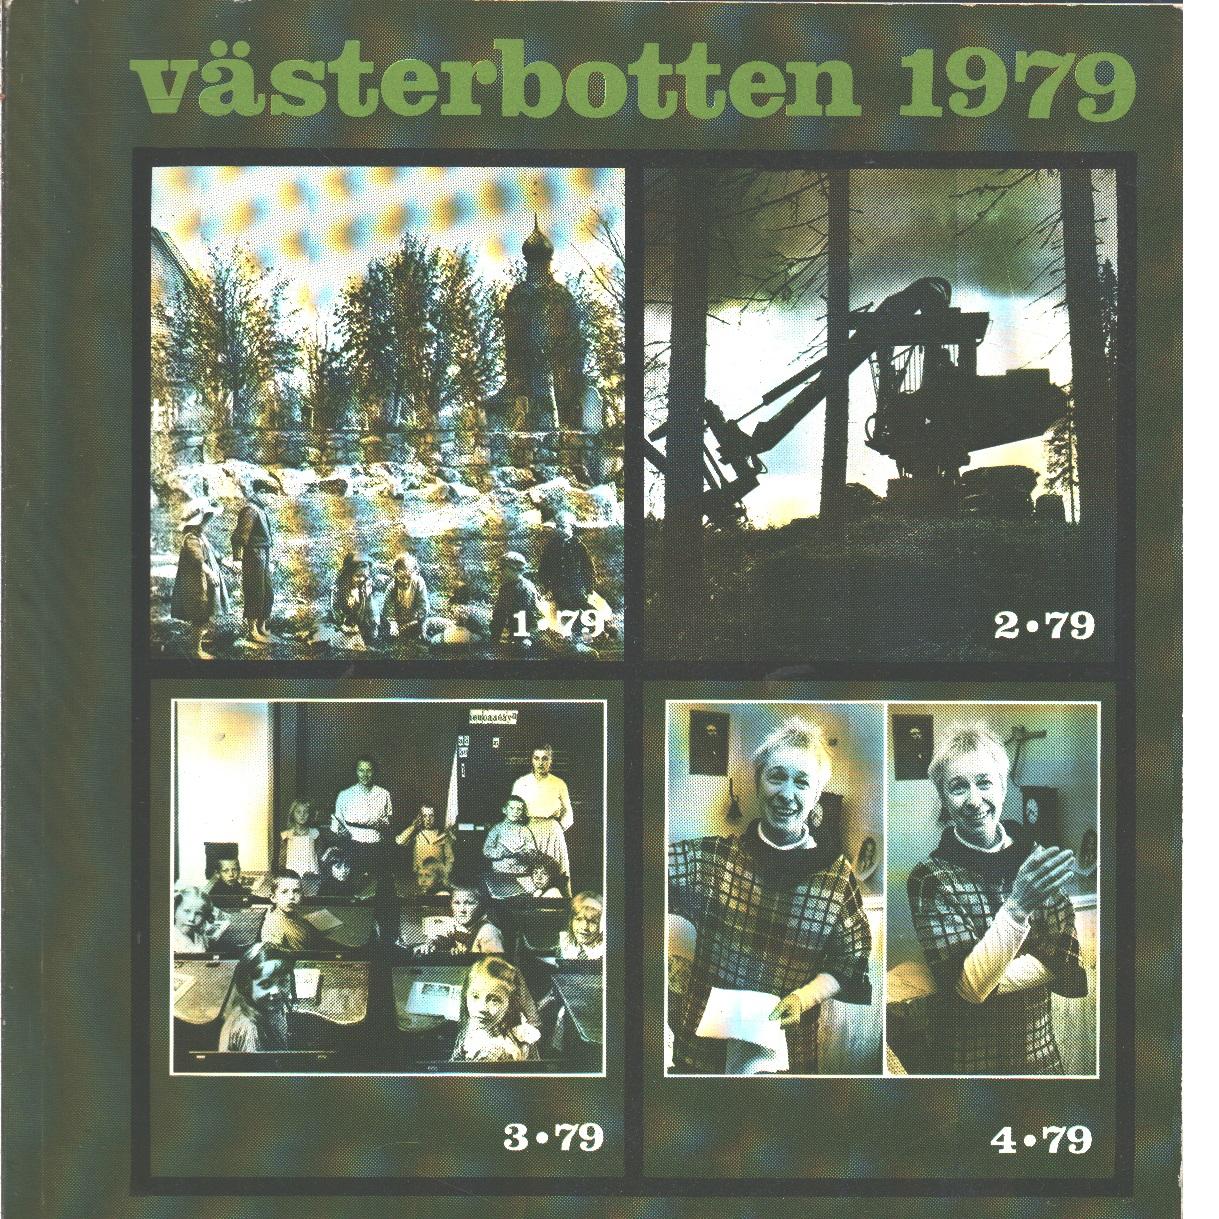 Västerbotten : Västerbottens läns hembygdsförenings årsbok 1979 - Red.